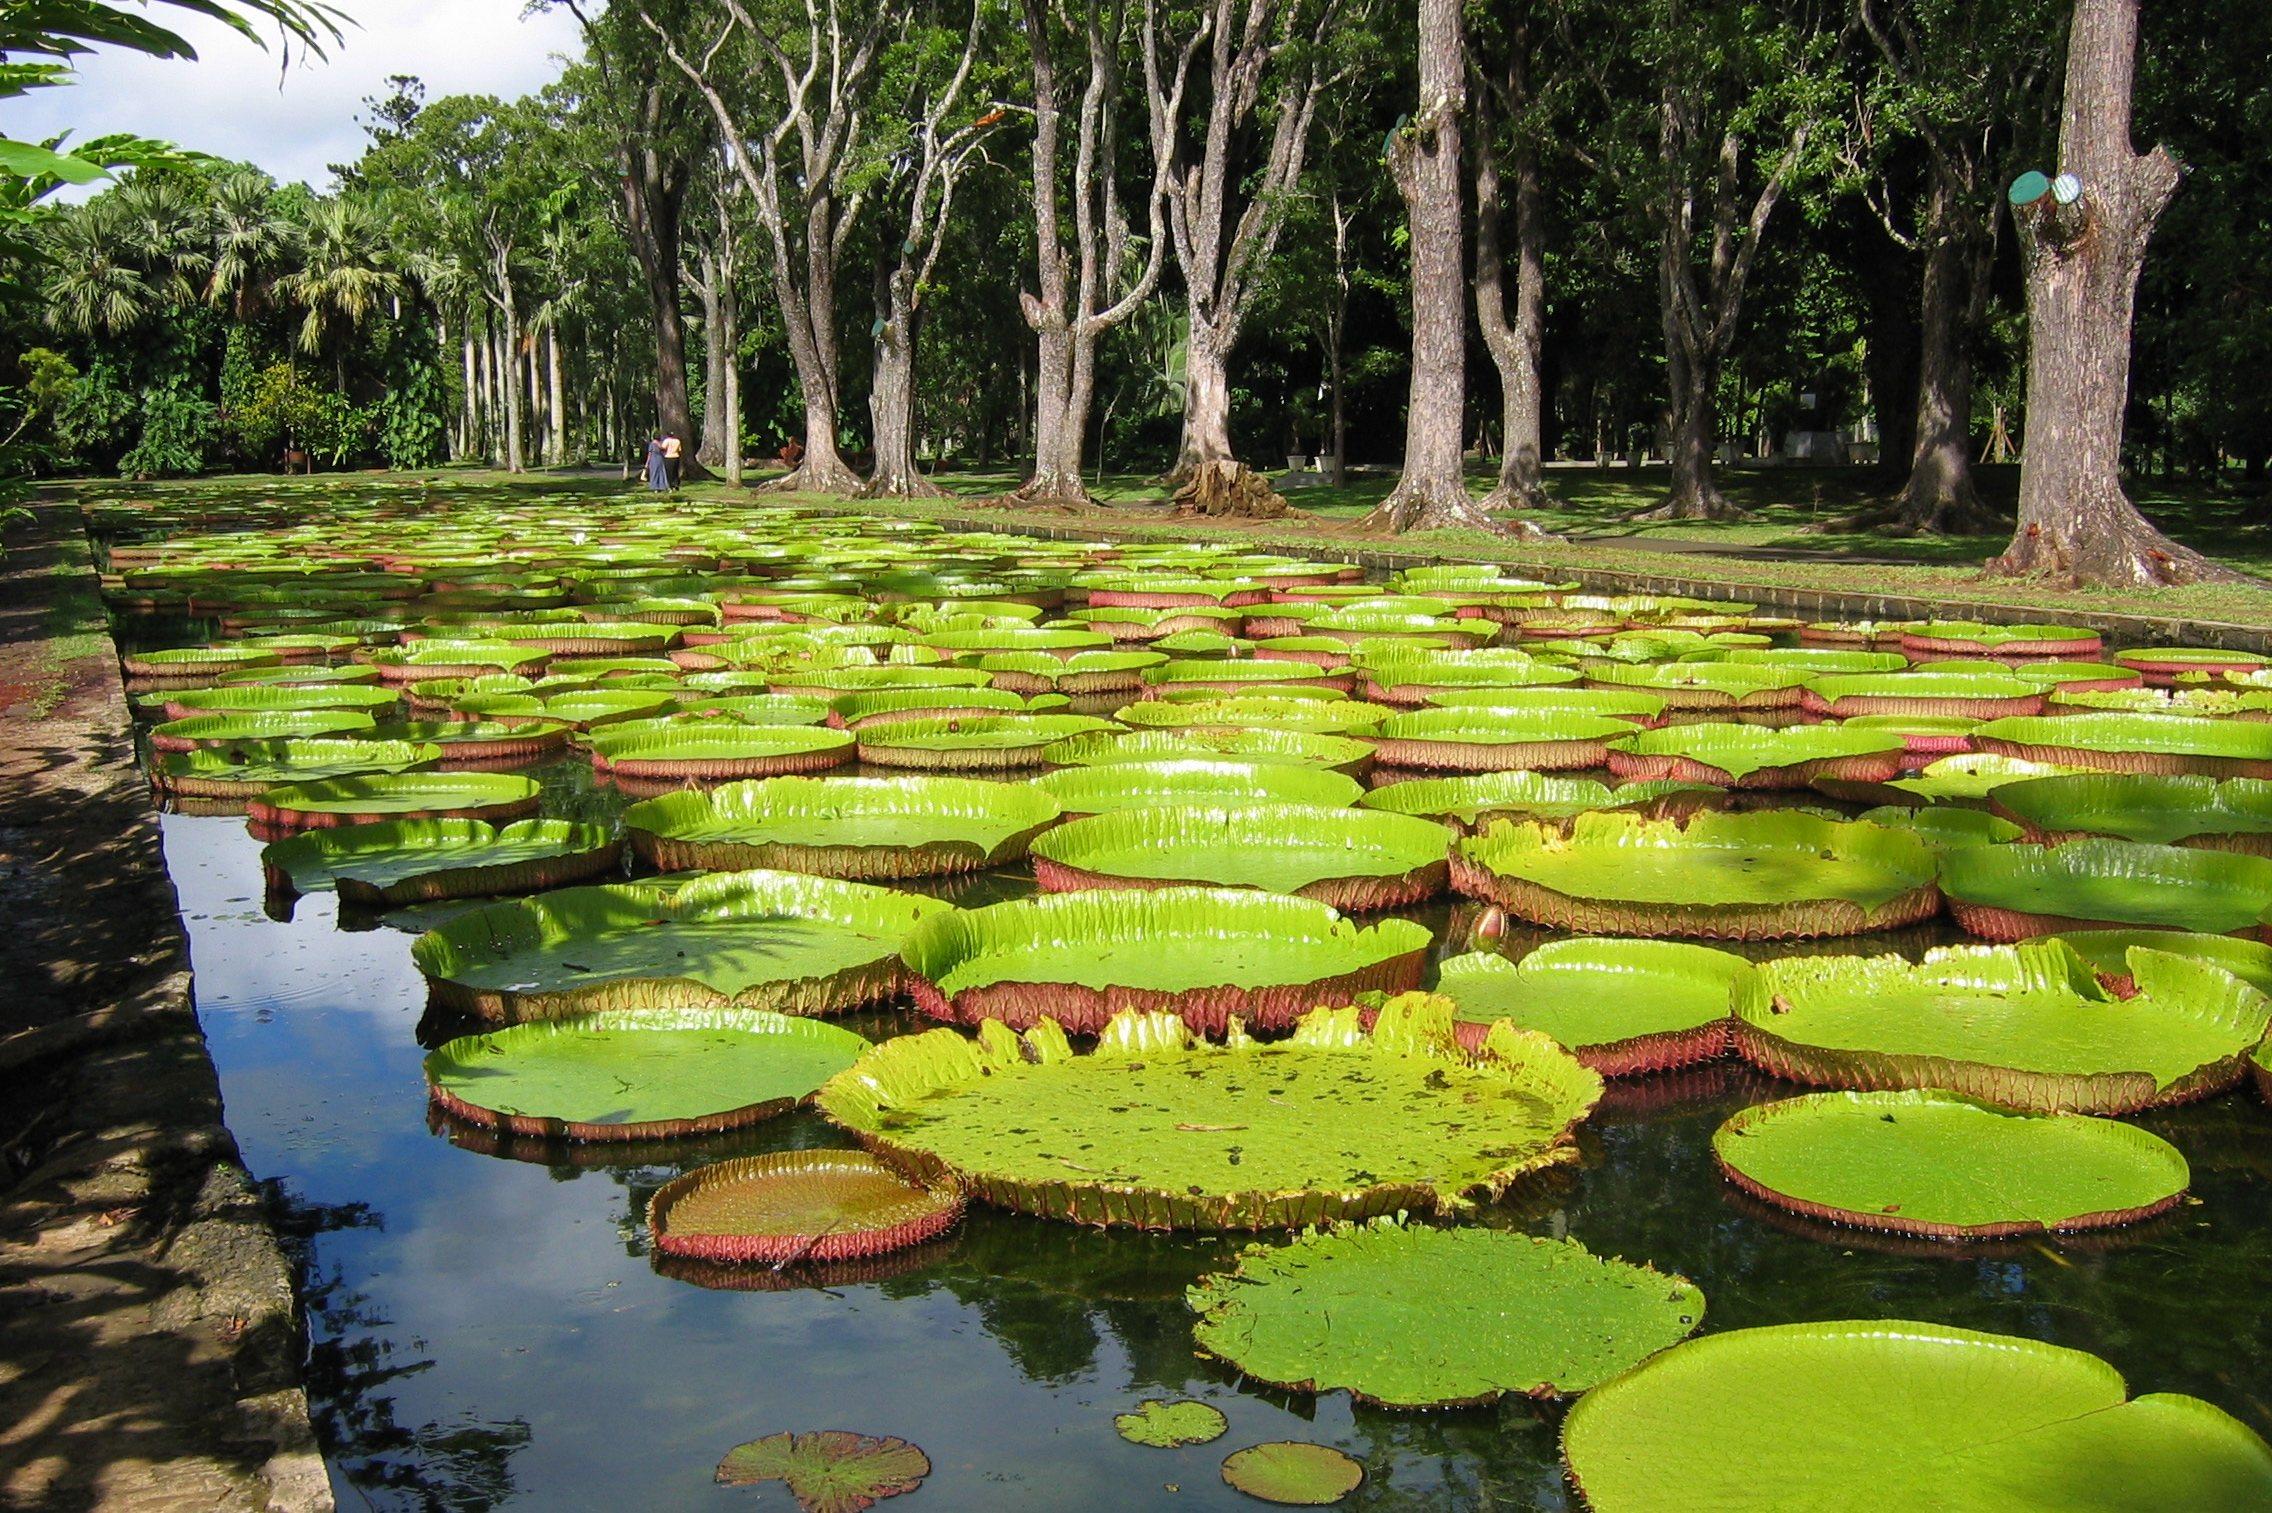 باغ گیاهشناسی از  جاذبههای مینسک